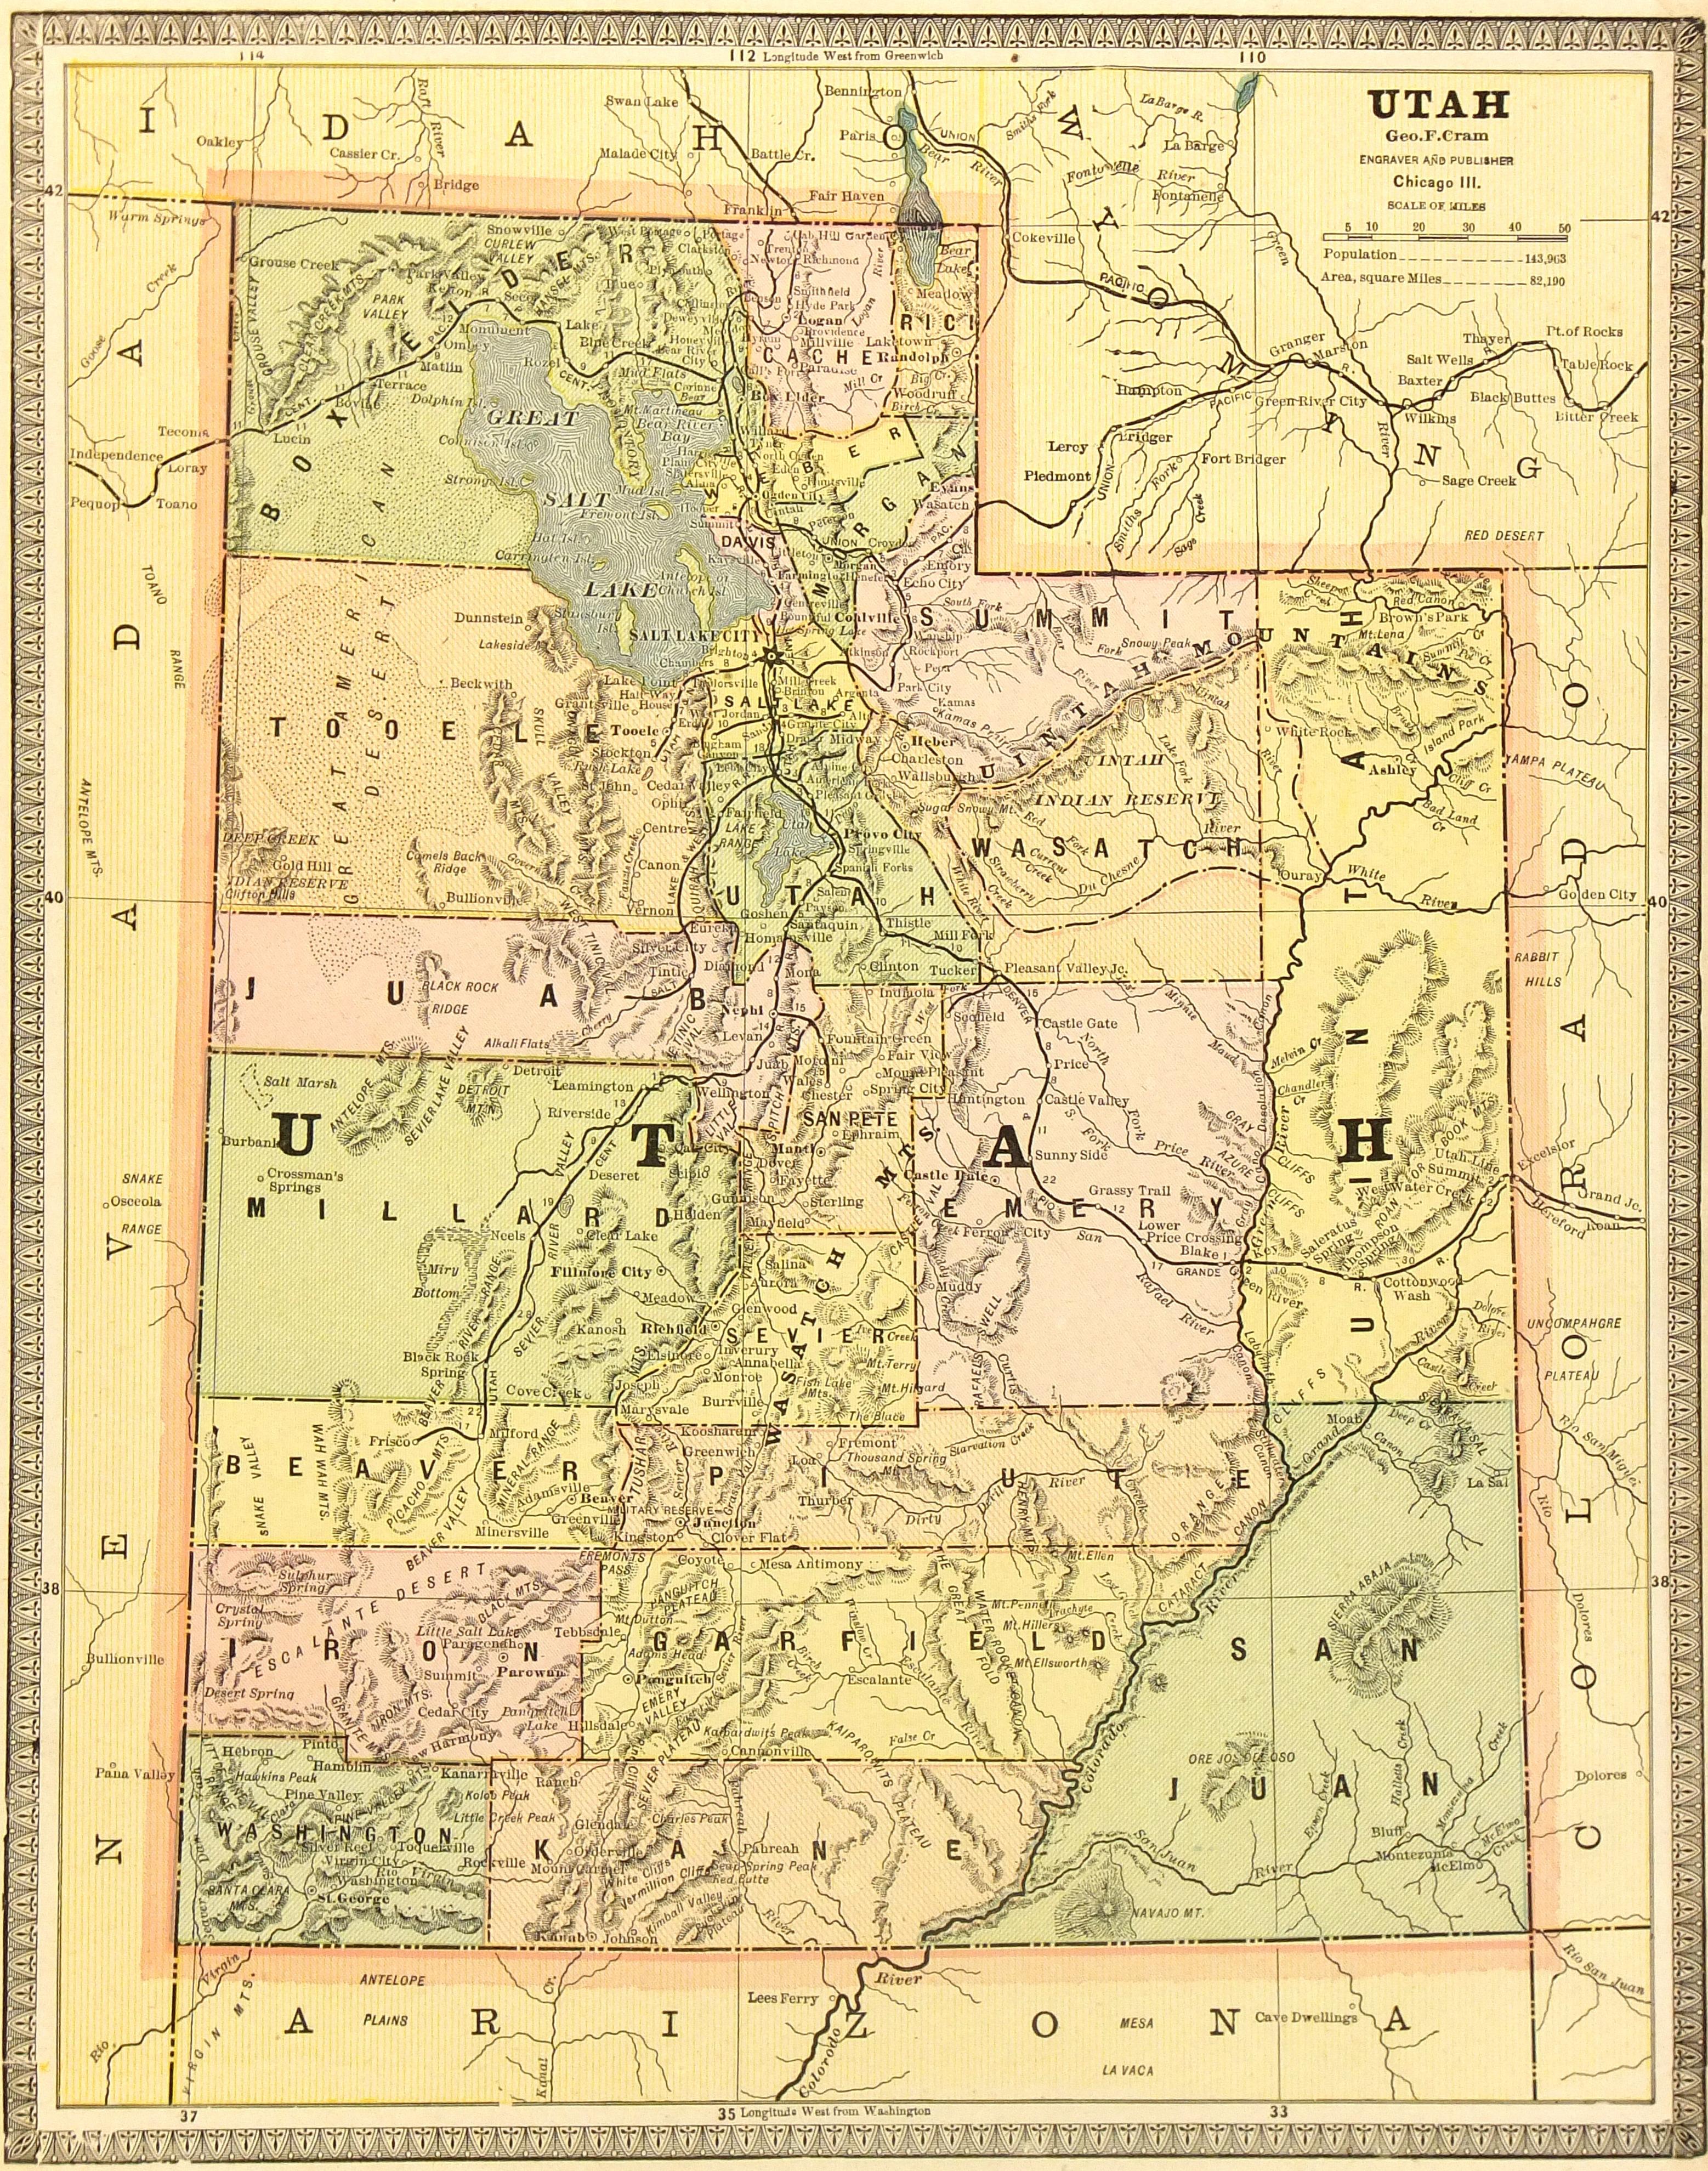 Utah Map, 1890-main-6471K